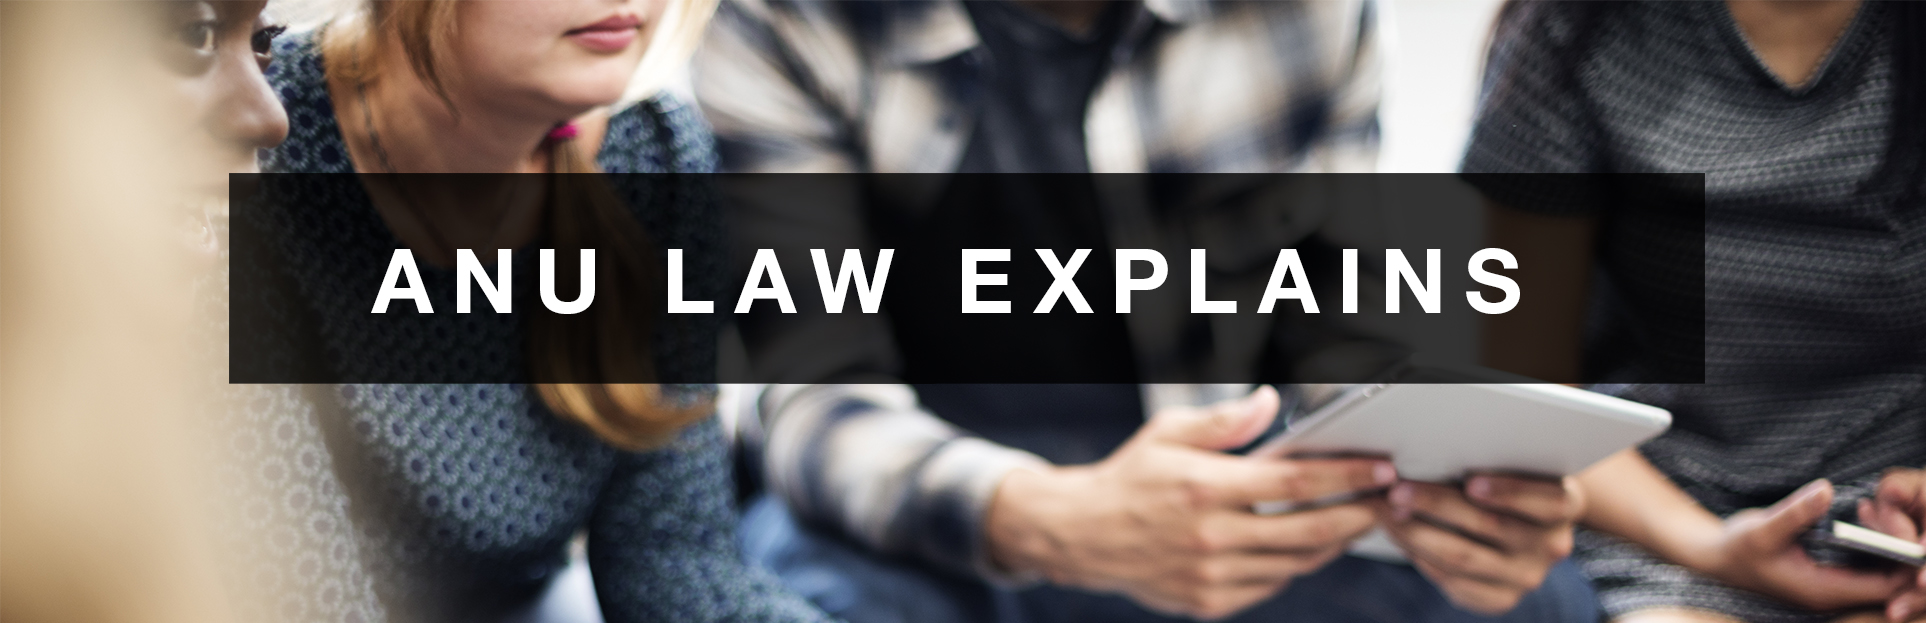 ANU Law explains